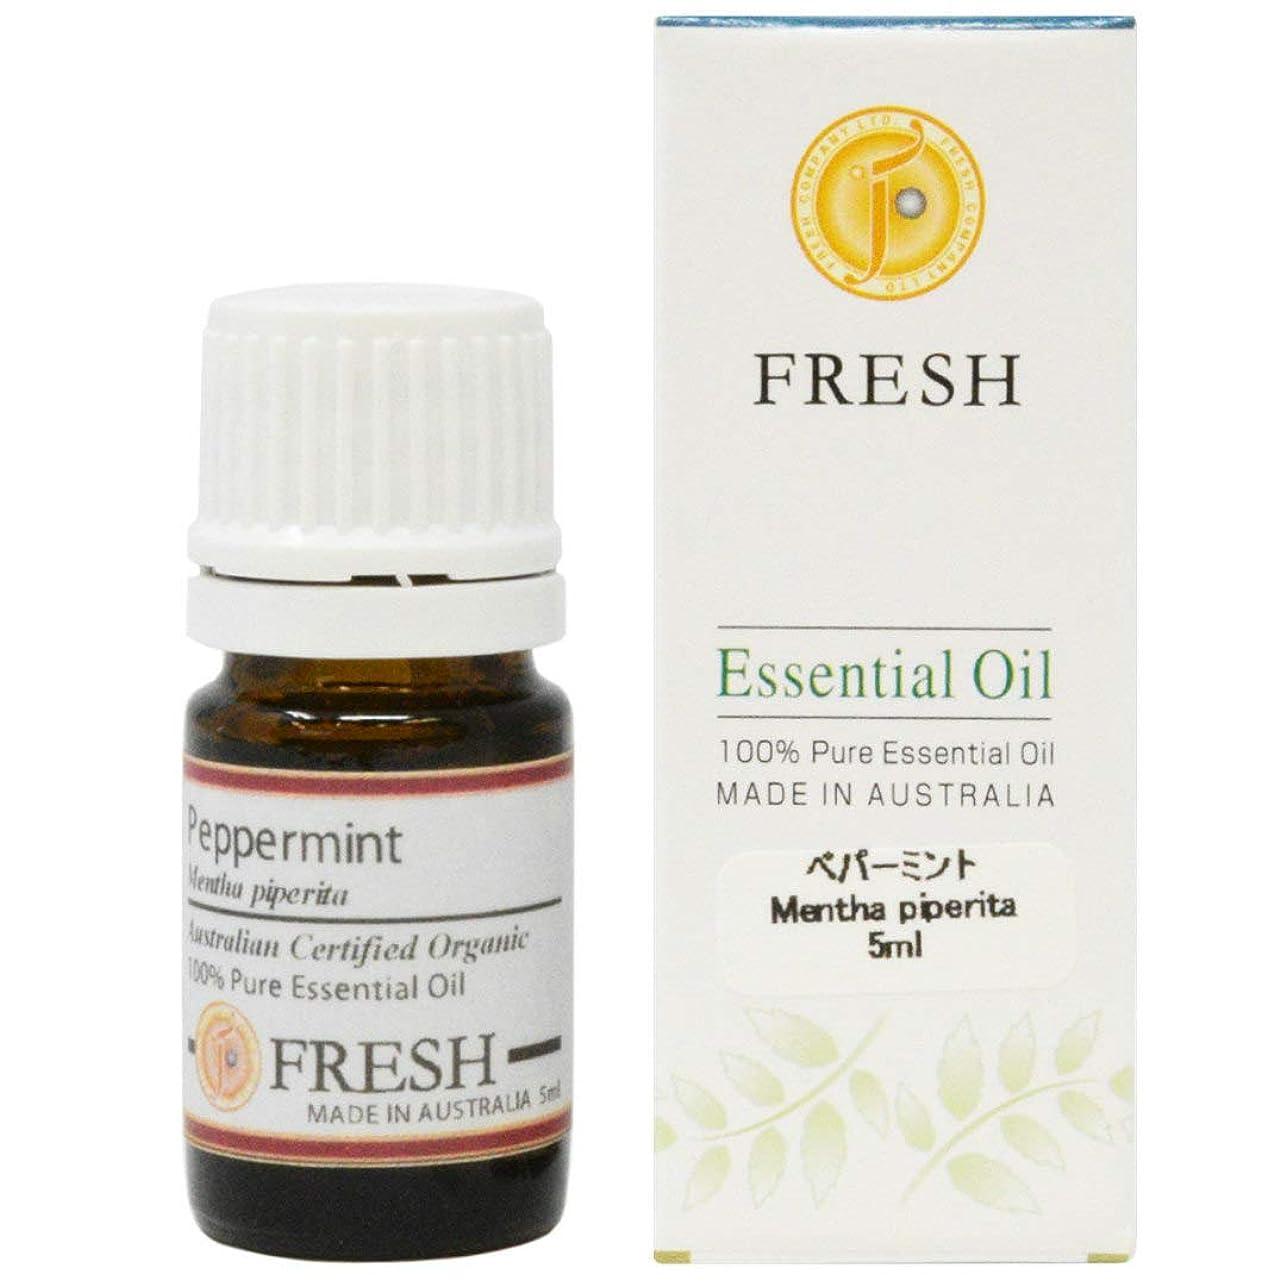 愛国的な子孫蜂FRESH オーガニック エッセンシャルオイル ペパーミント 5ml (FRESH 精油)